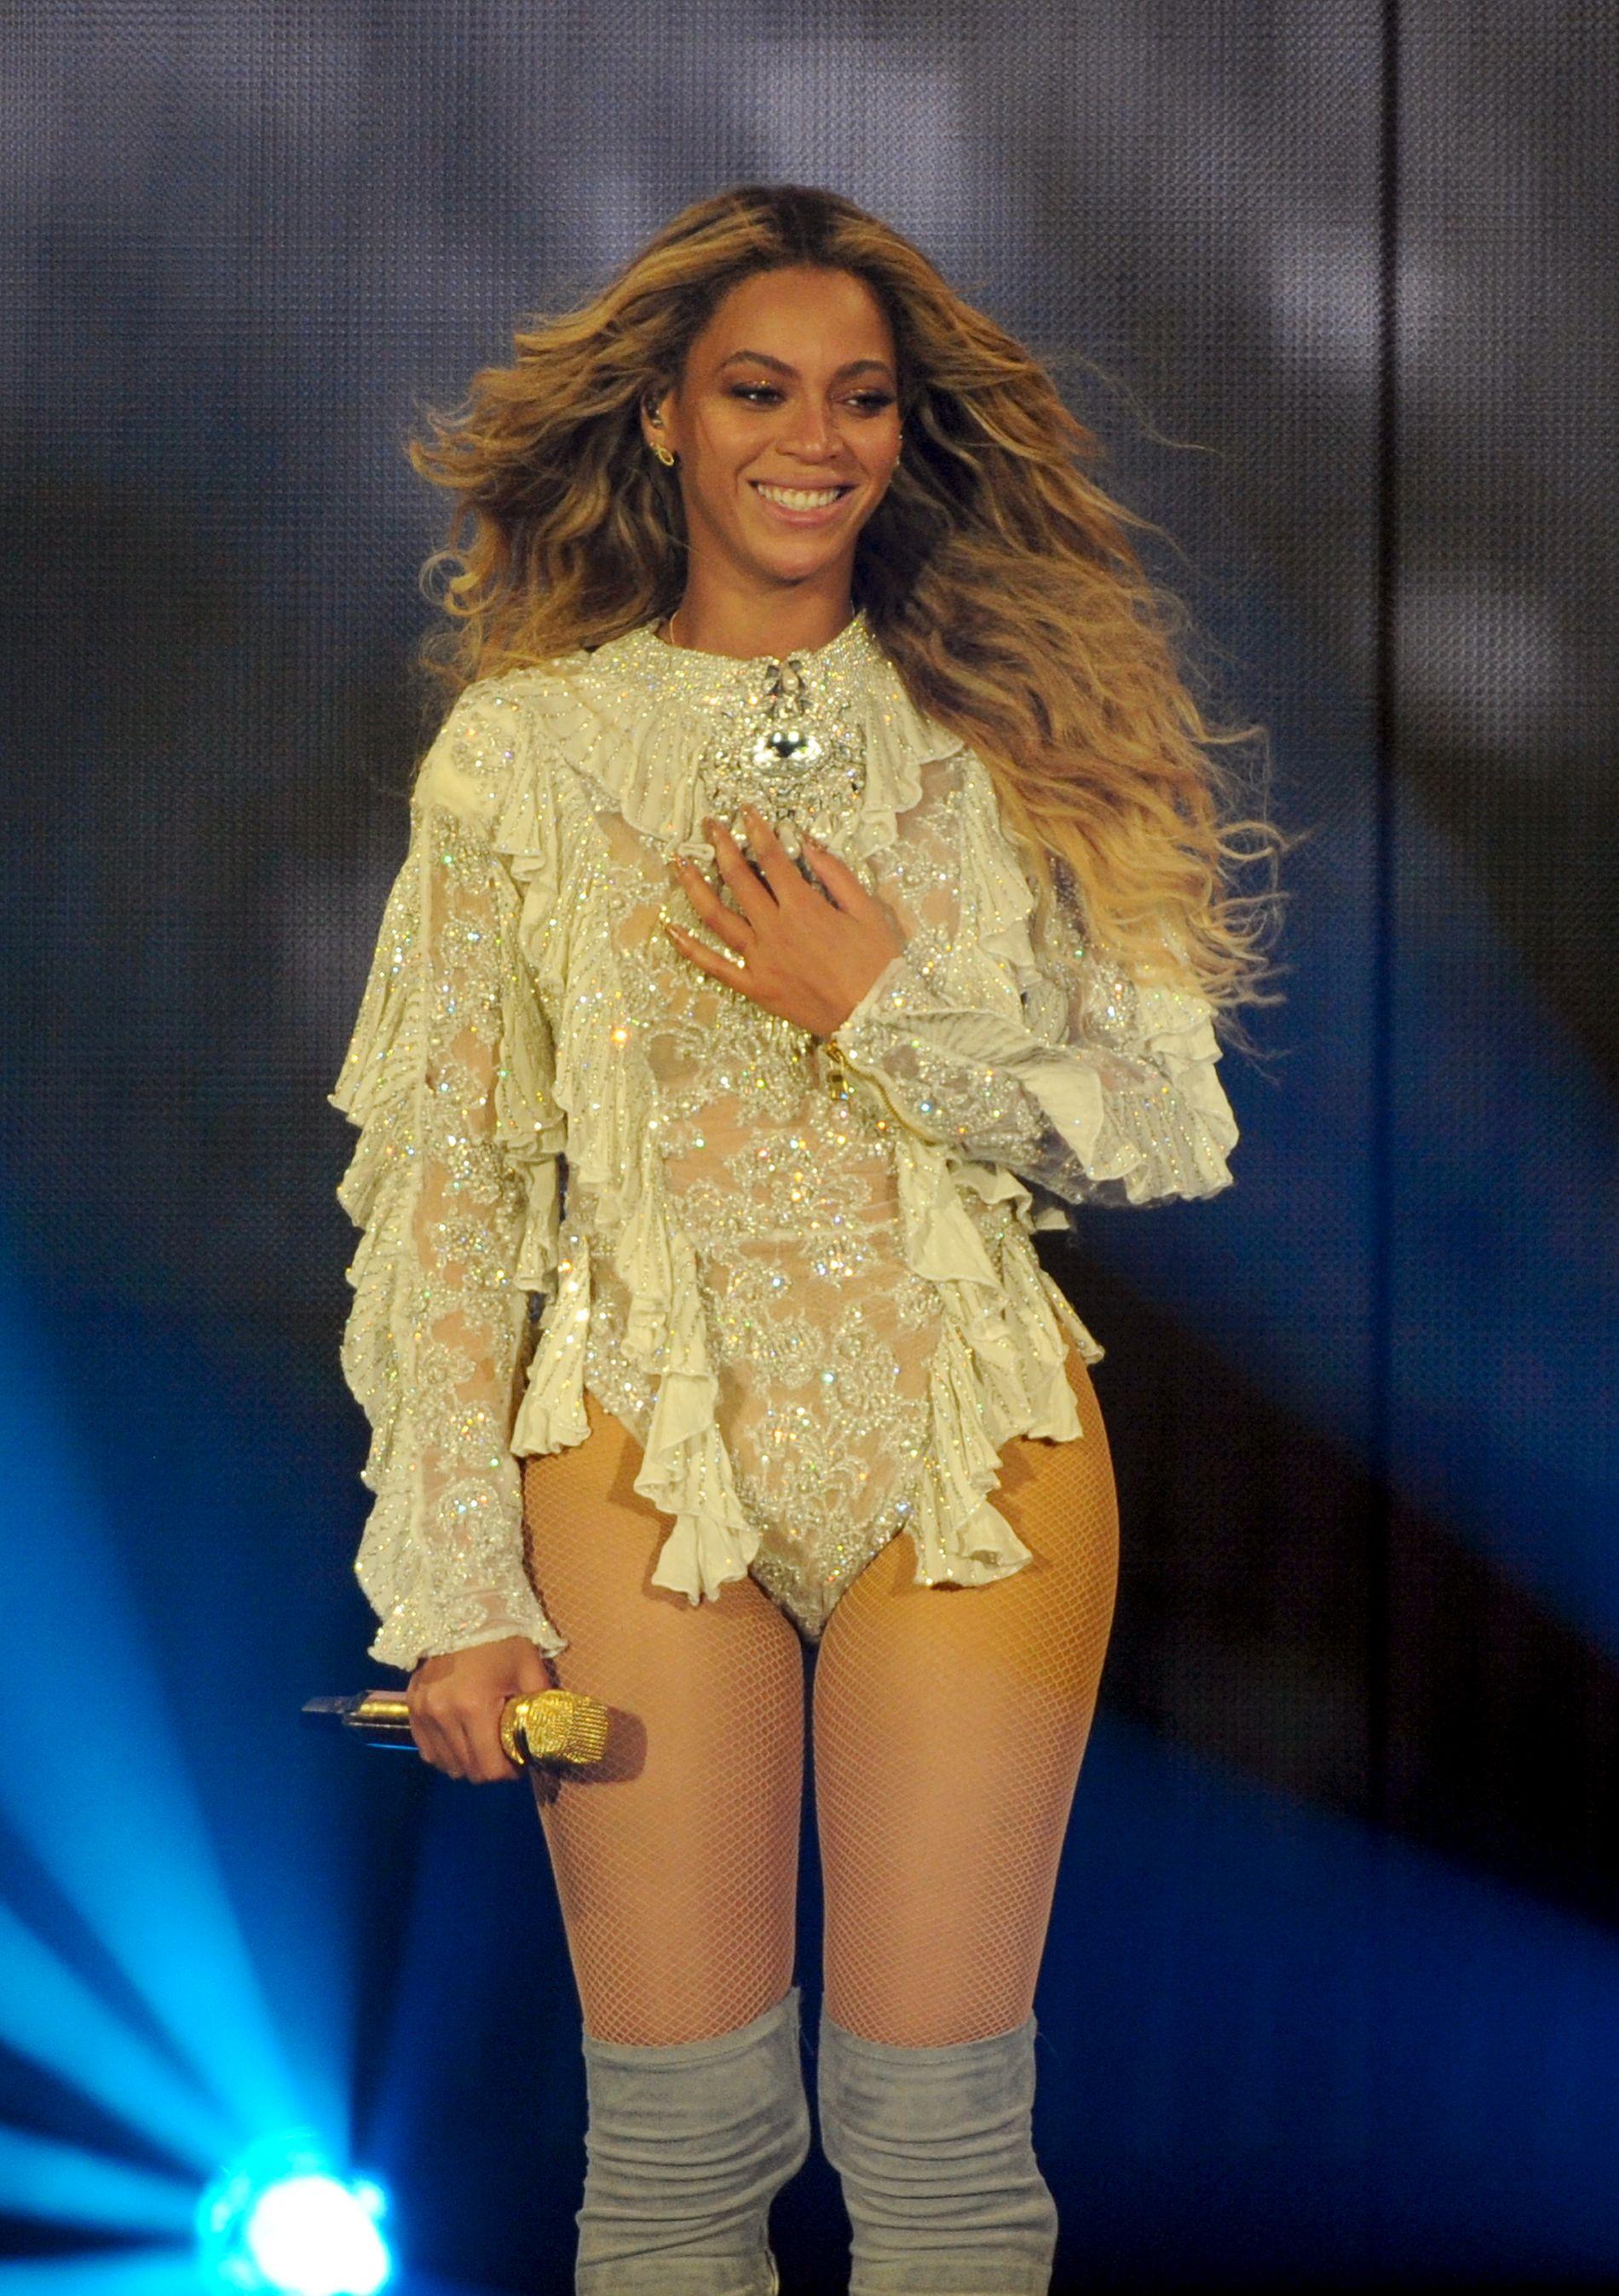 SELGER MINDRE ENN KYGO: Beyoncé. Foto: AP